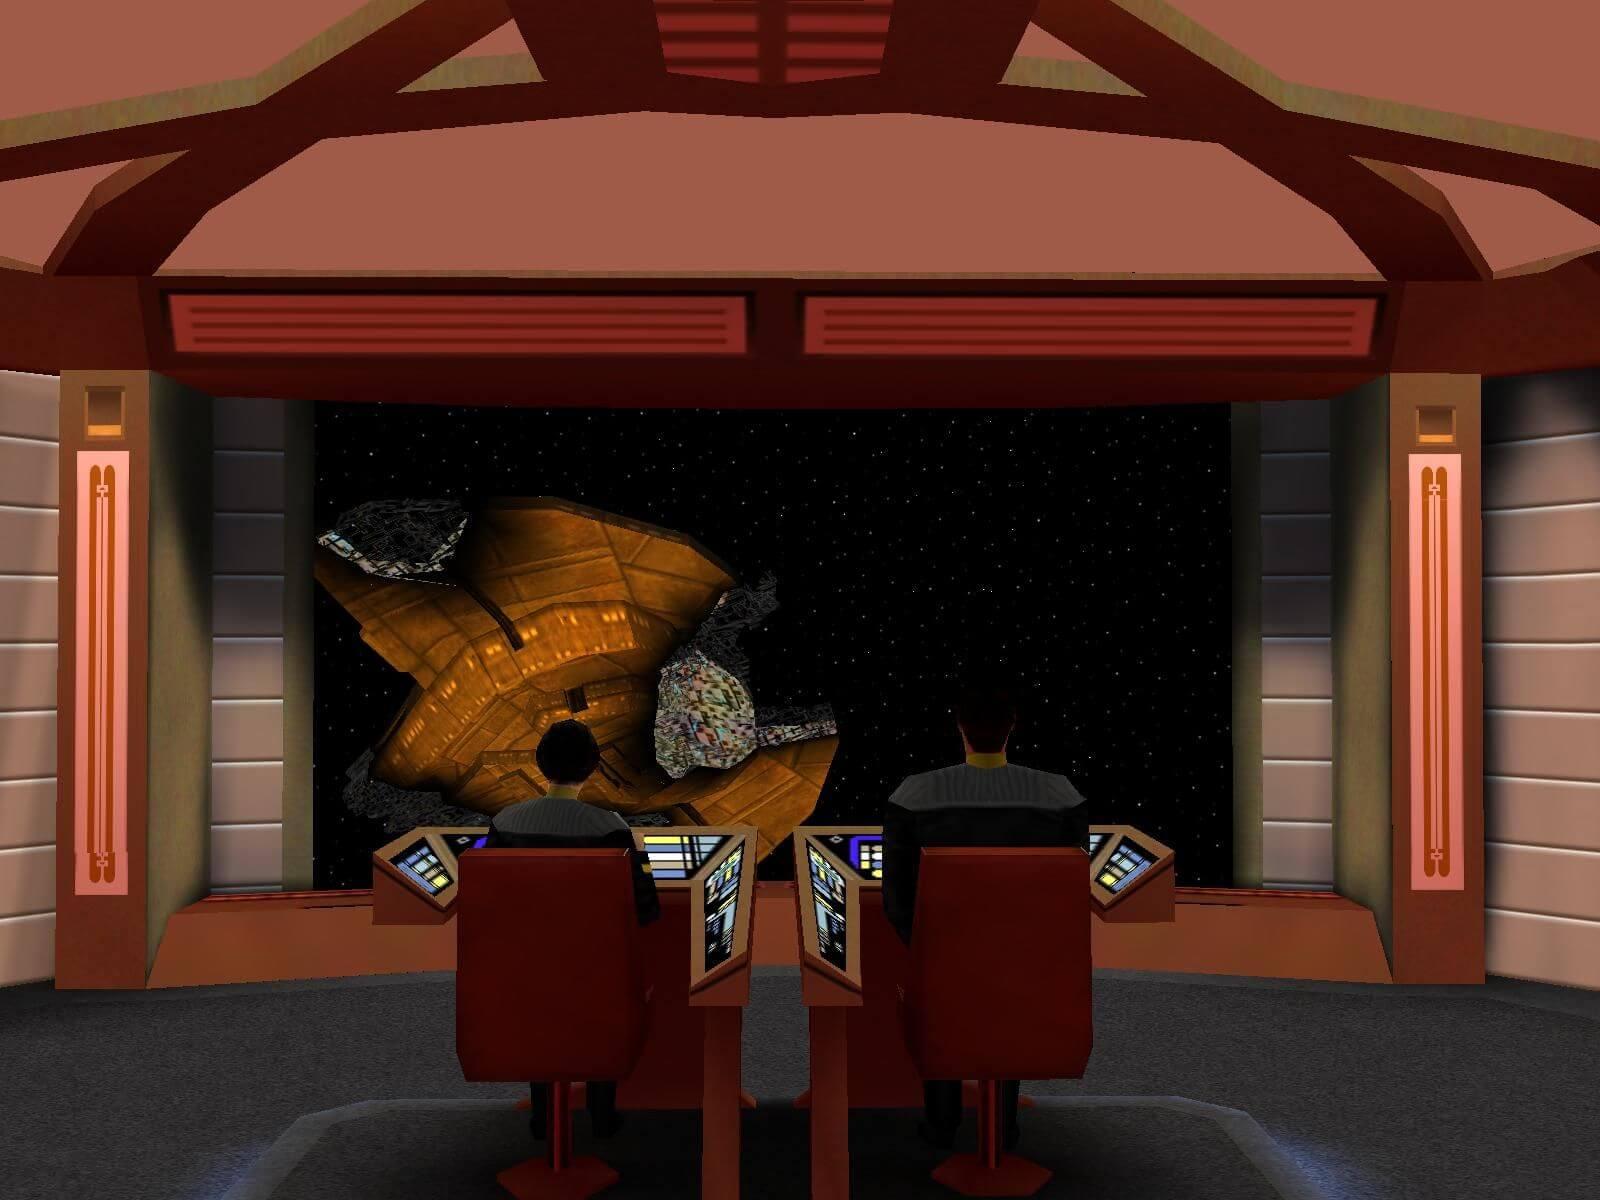 Bridge Commander Download Full Game Star Trek 98